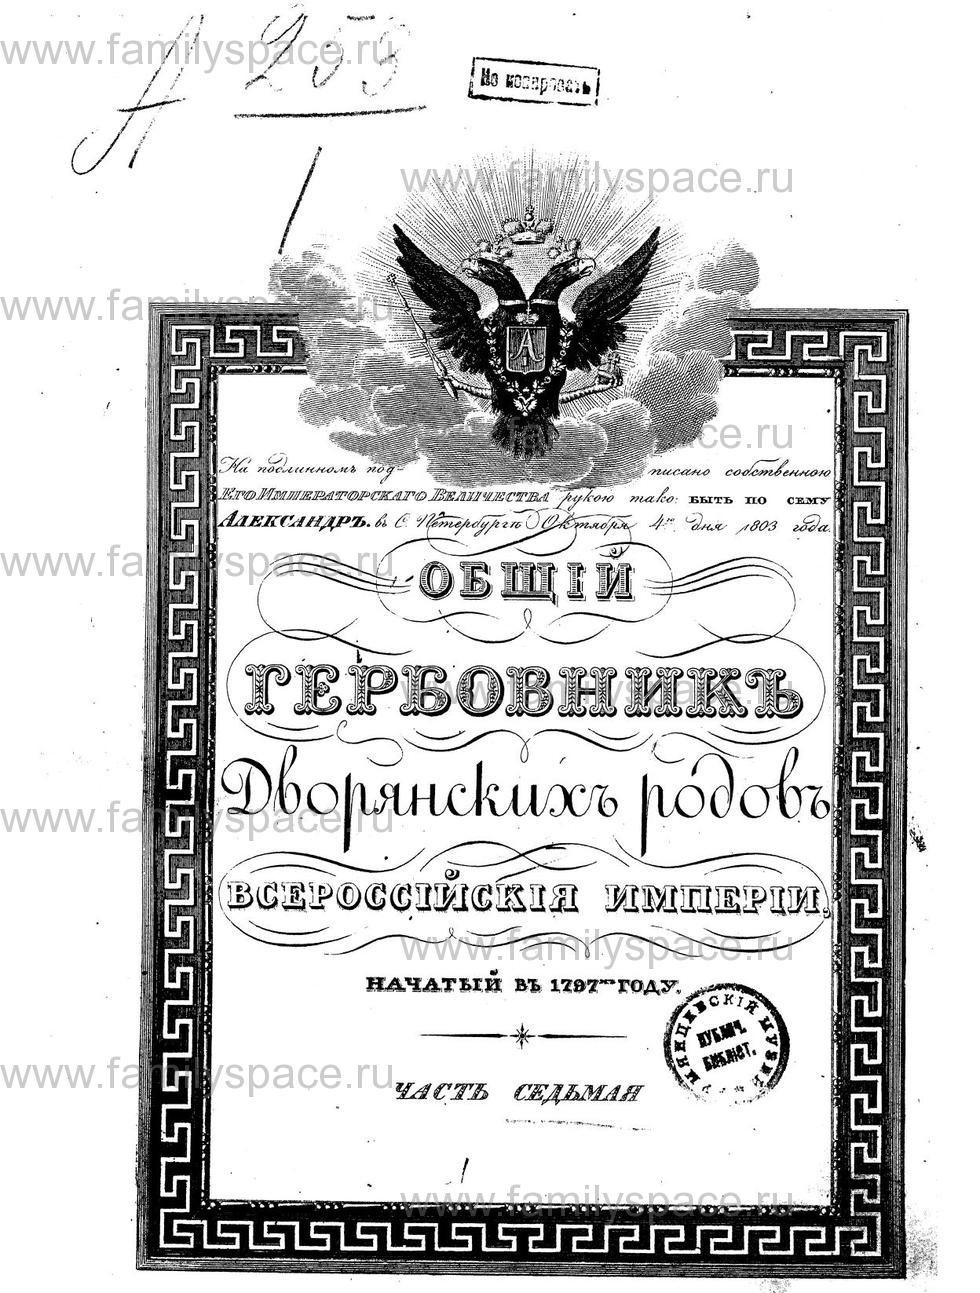 Поиск по фамилии - Общий гербовник дворянских родов Всероссийской империи 1797г., ч.7, страница 1